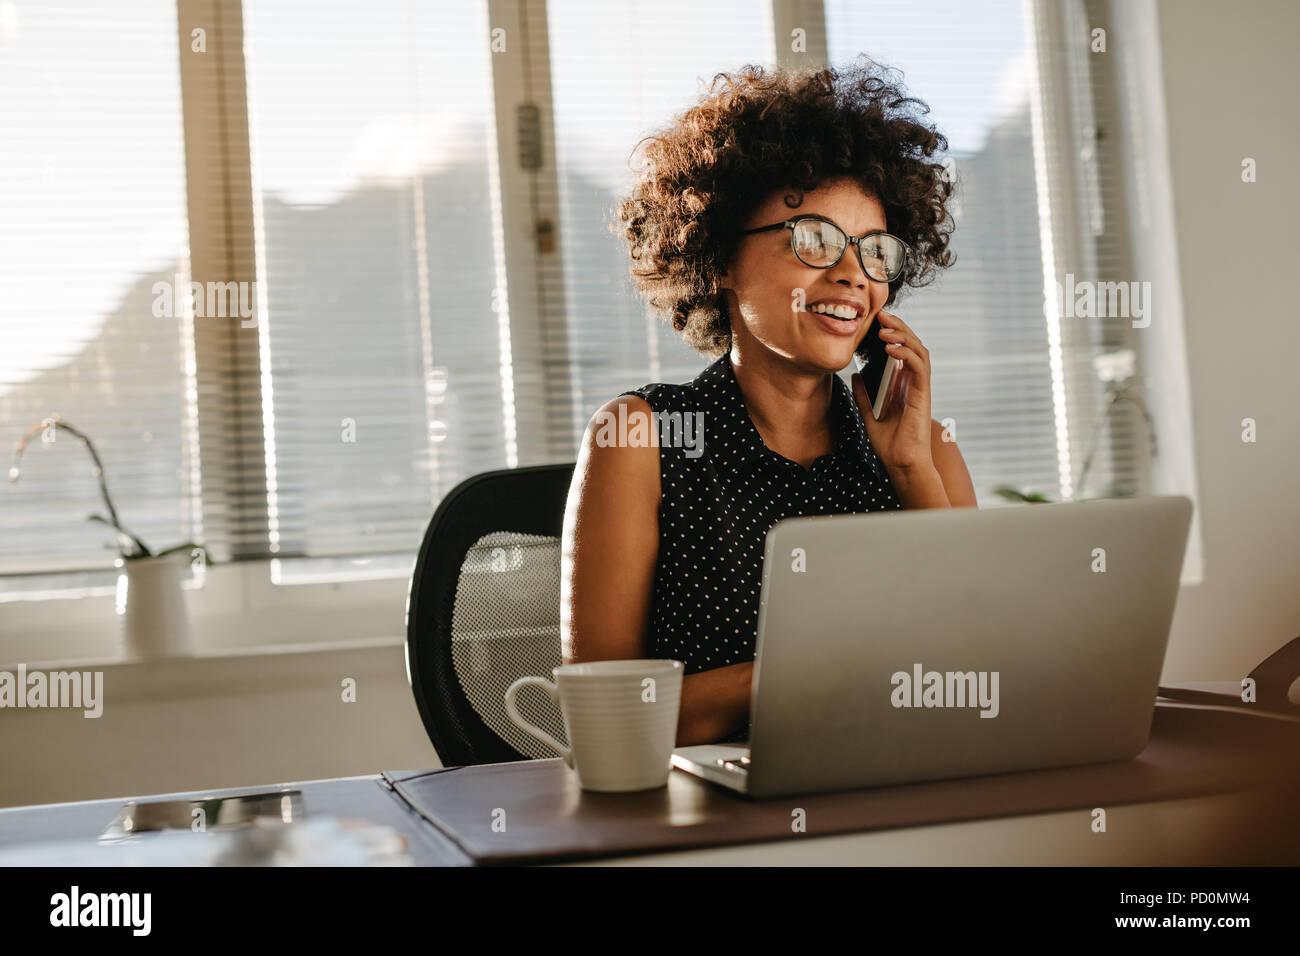 Joven africana trabajaba en su escritorio con ordenador portátil y hablando por teléfono. Mujeres vistiendo vestimenta casual inicio trabaja en una oficina. Imagen De Stock